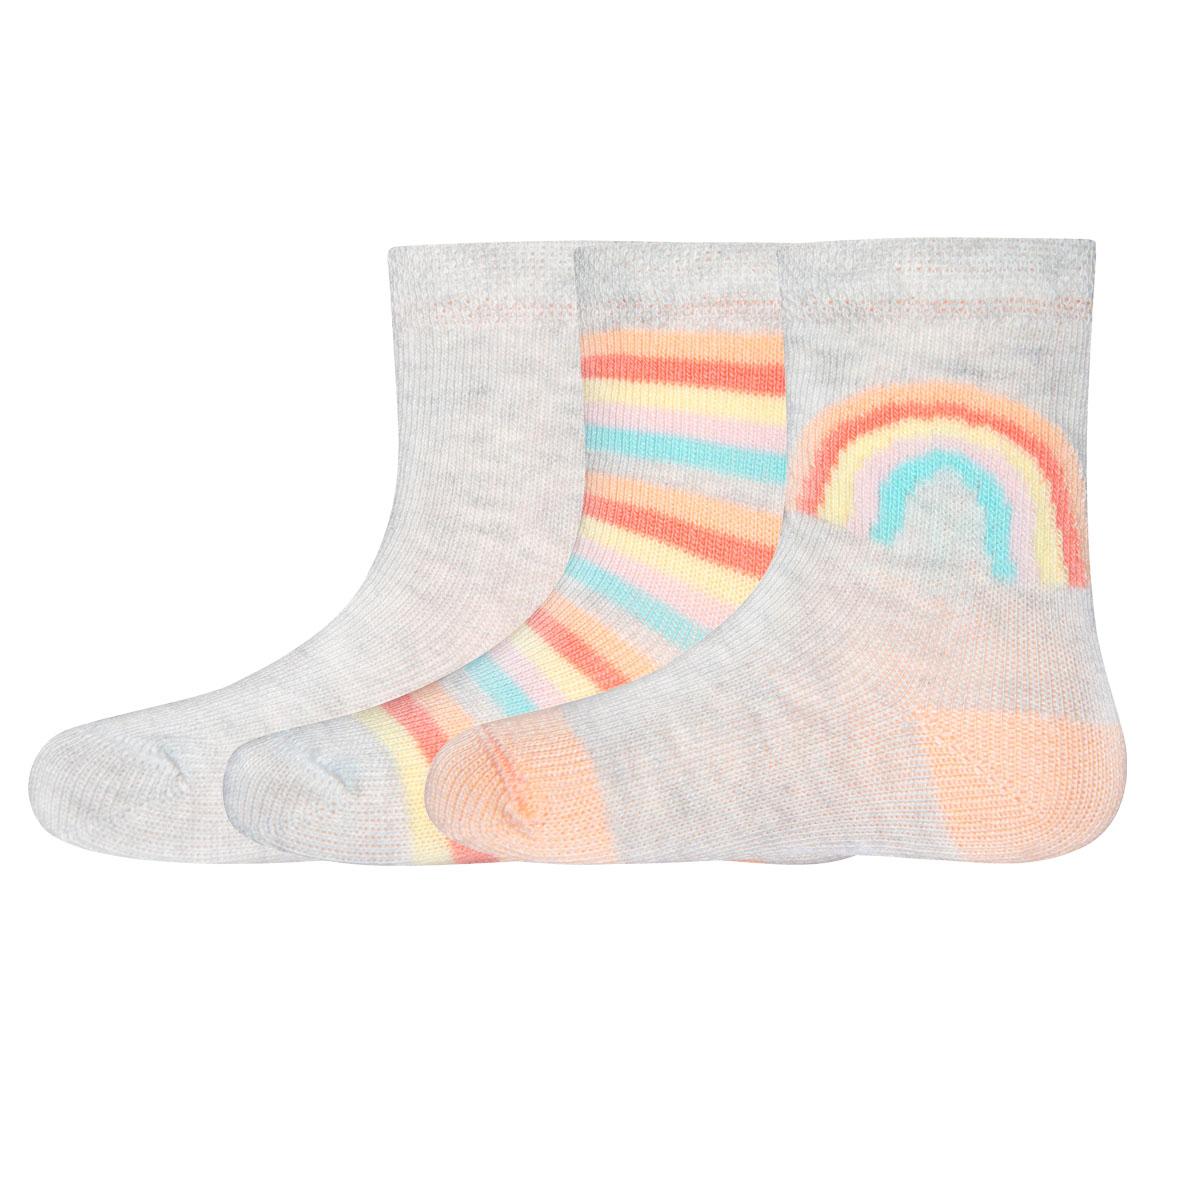 Socken 3er Pack Regenbogen, Uni, Größe: 16-17